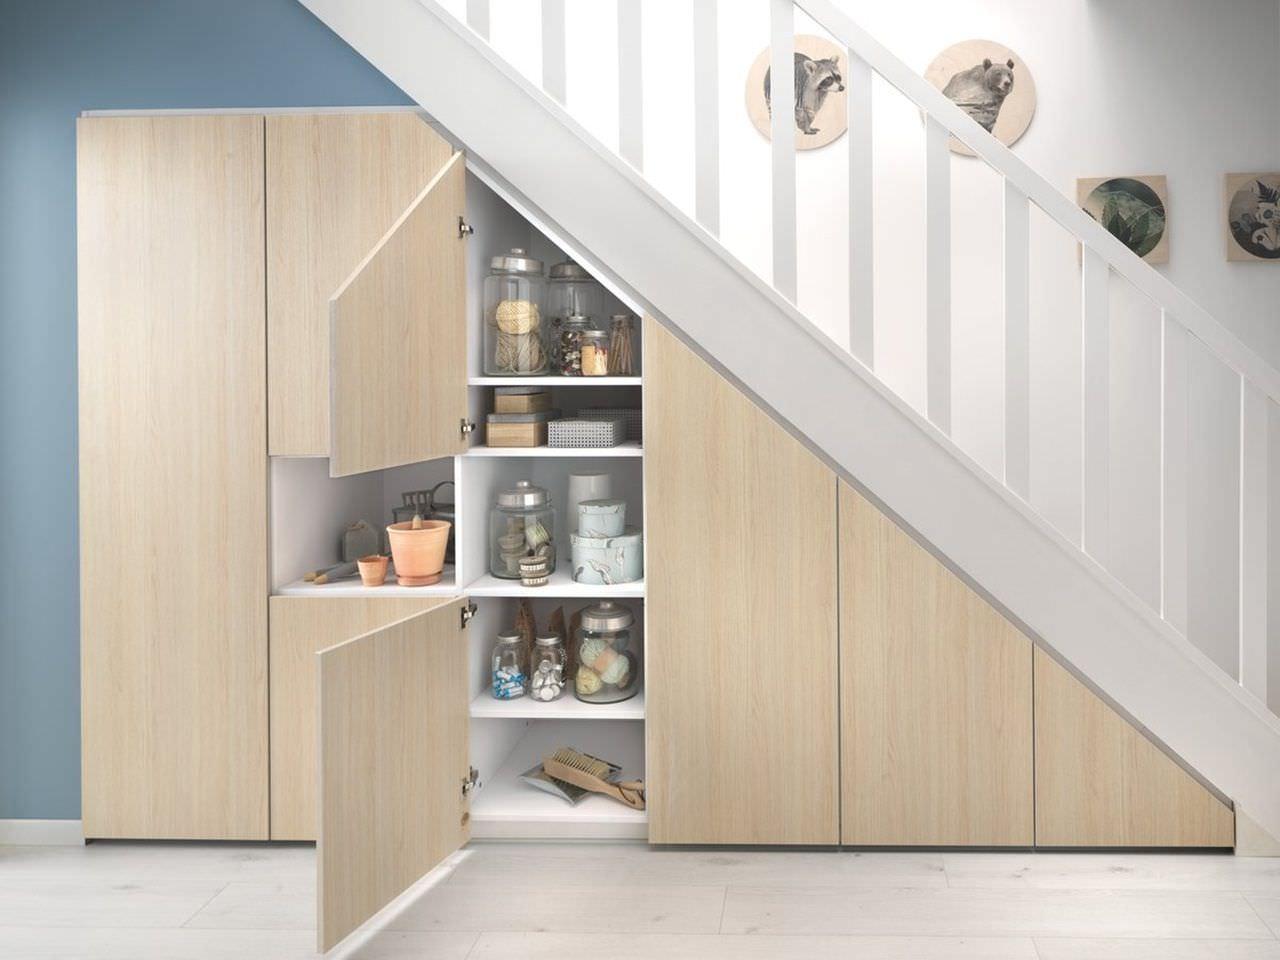 Bố trí tủ kệ đa năng dưới chân cầu thang giống như một nhà kho mini trong nhà